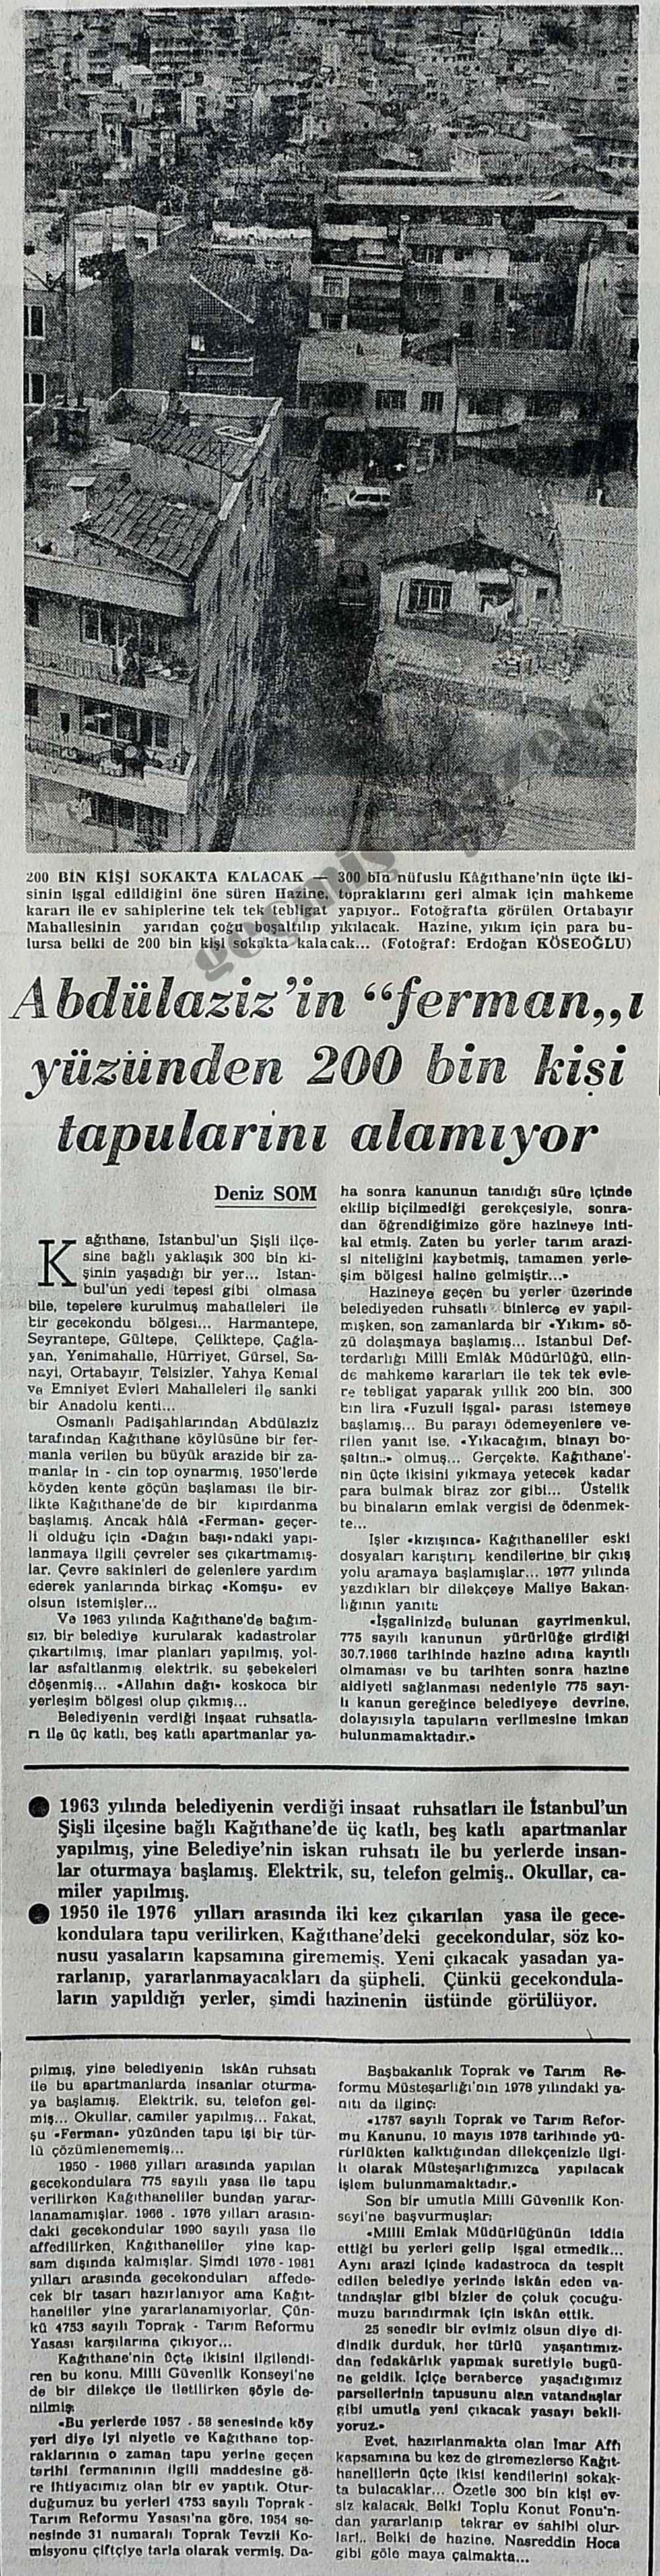 """Abdülaziz'in """"ferman""""ı yüzünden 200 bin kişi tapularını alamıyor"""